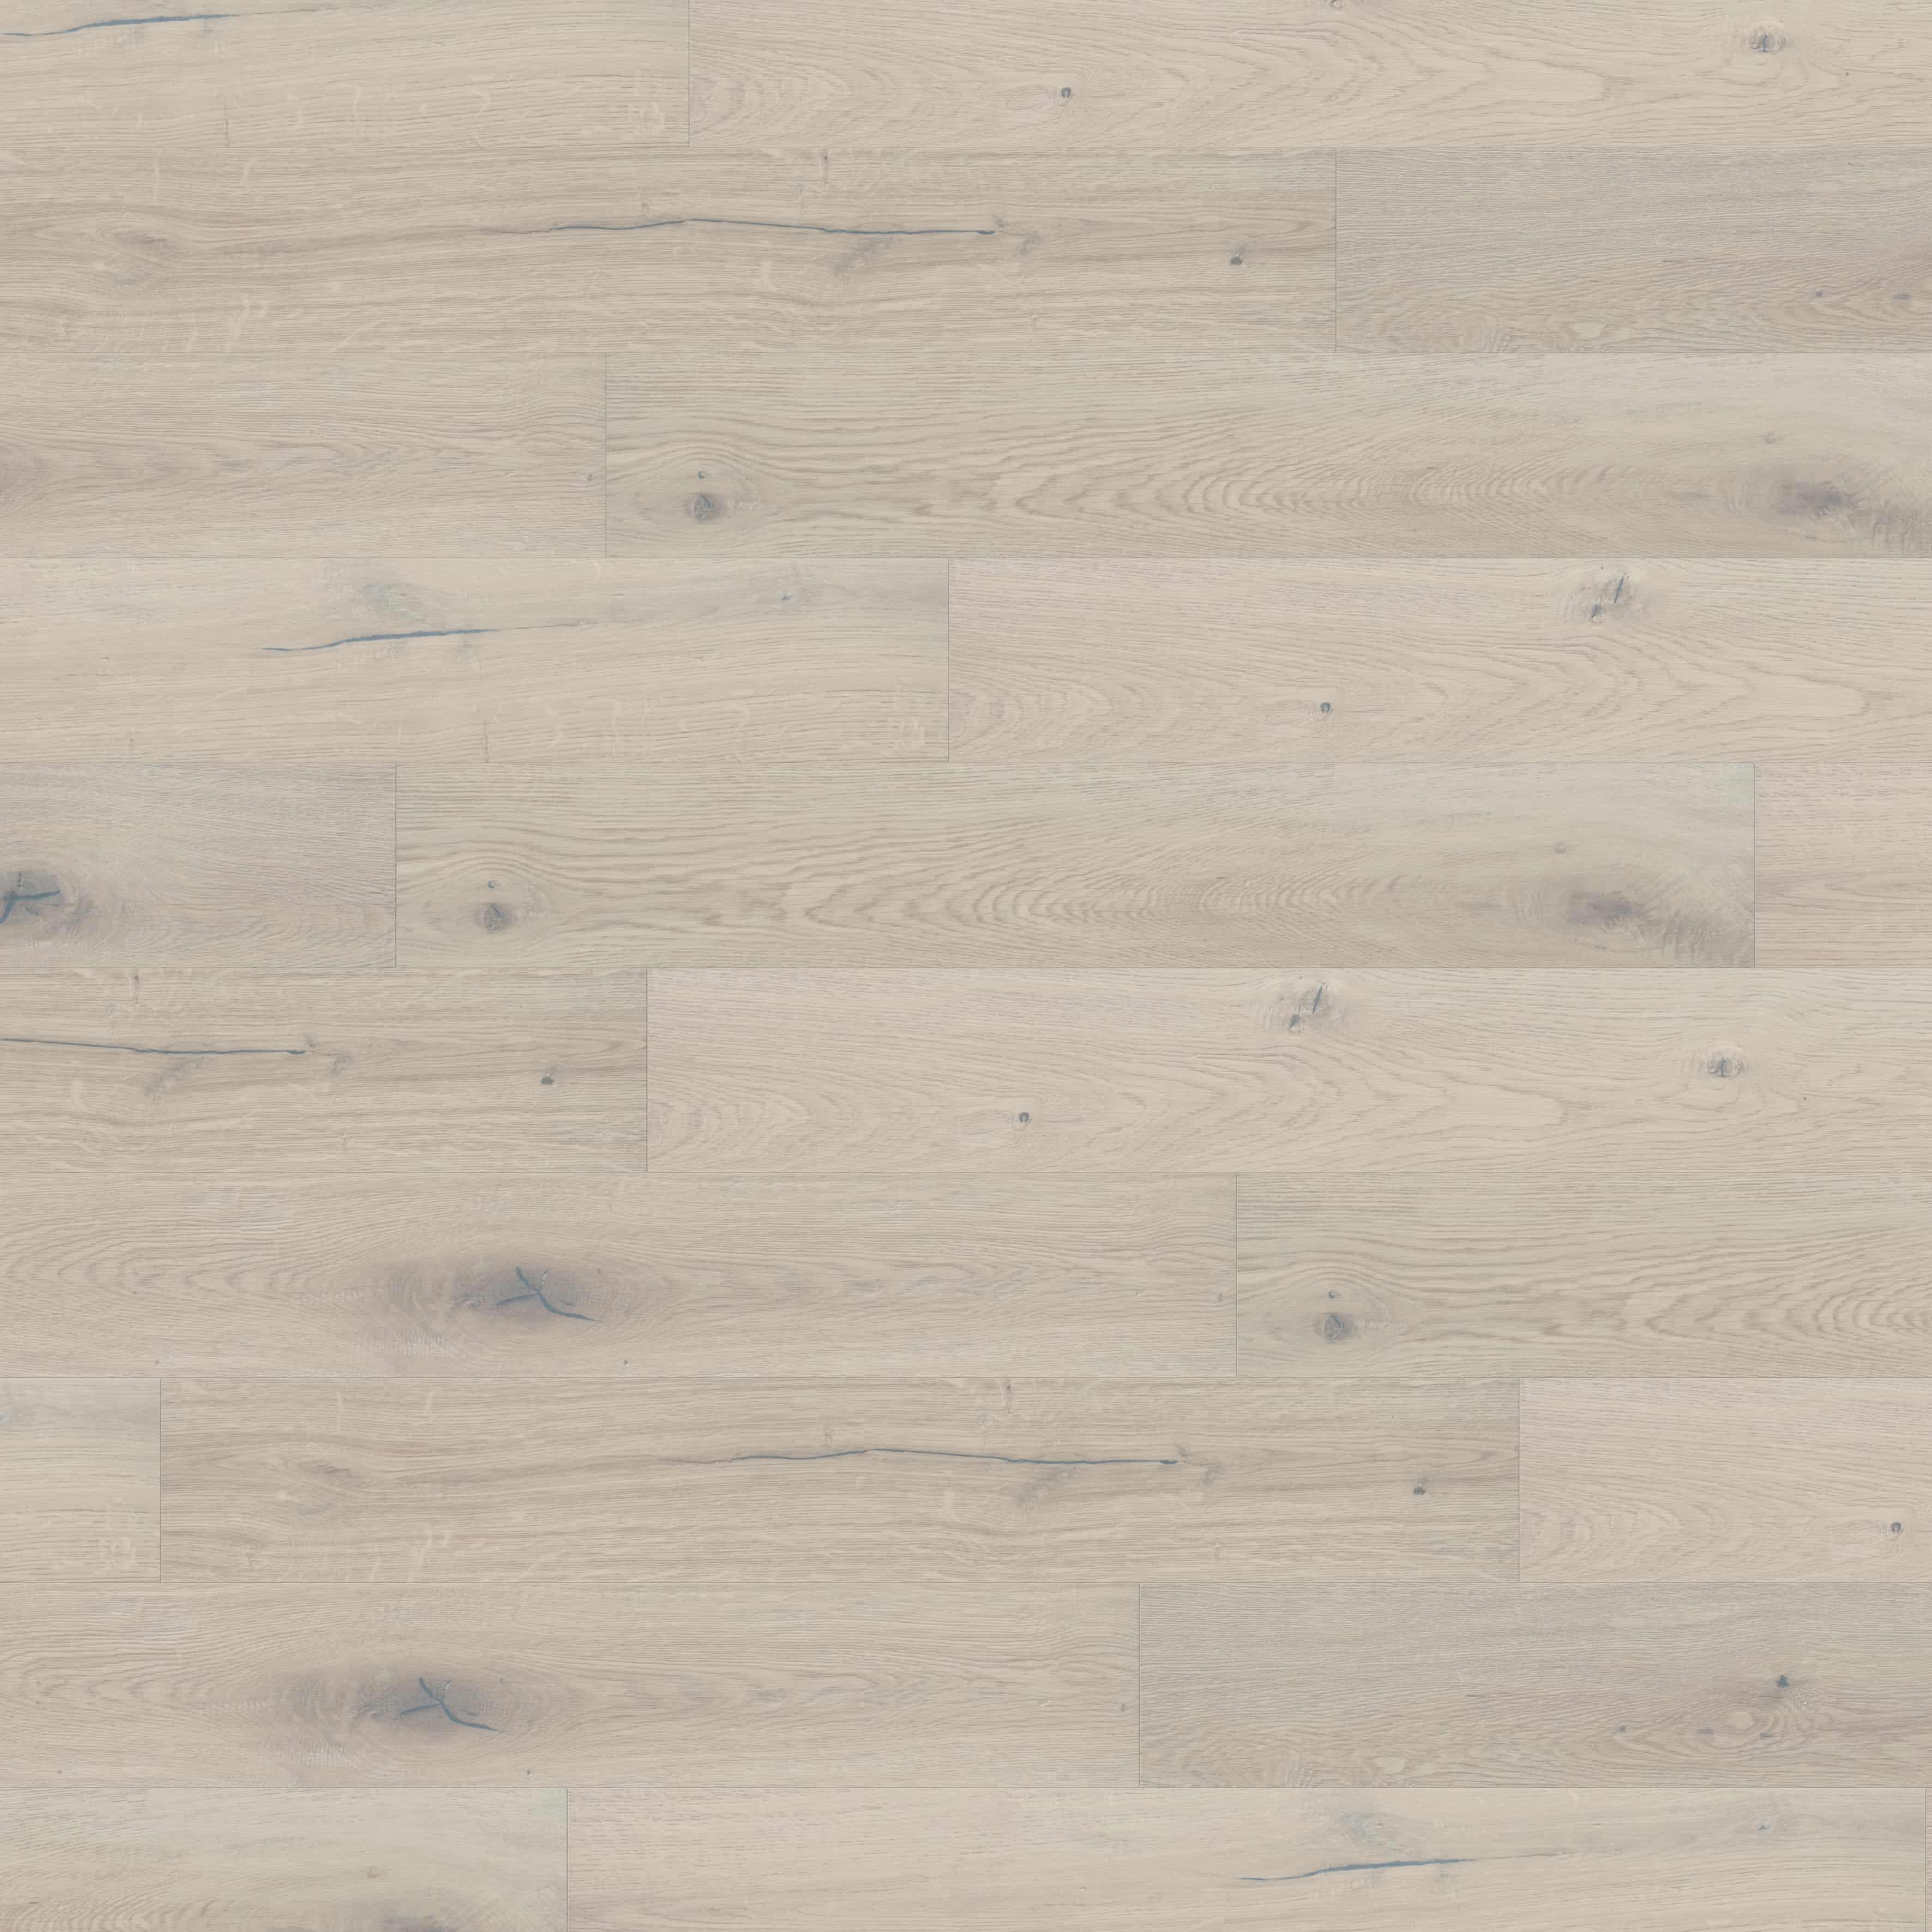 oberpf lzer laminat landhausdiele nordiceiche 4v. Black Bedroom Furniture Sets. Home Design Ideas